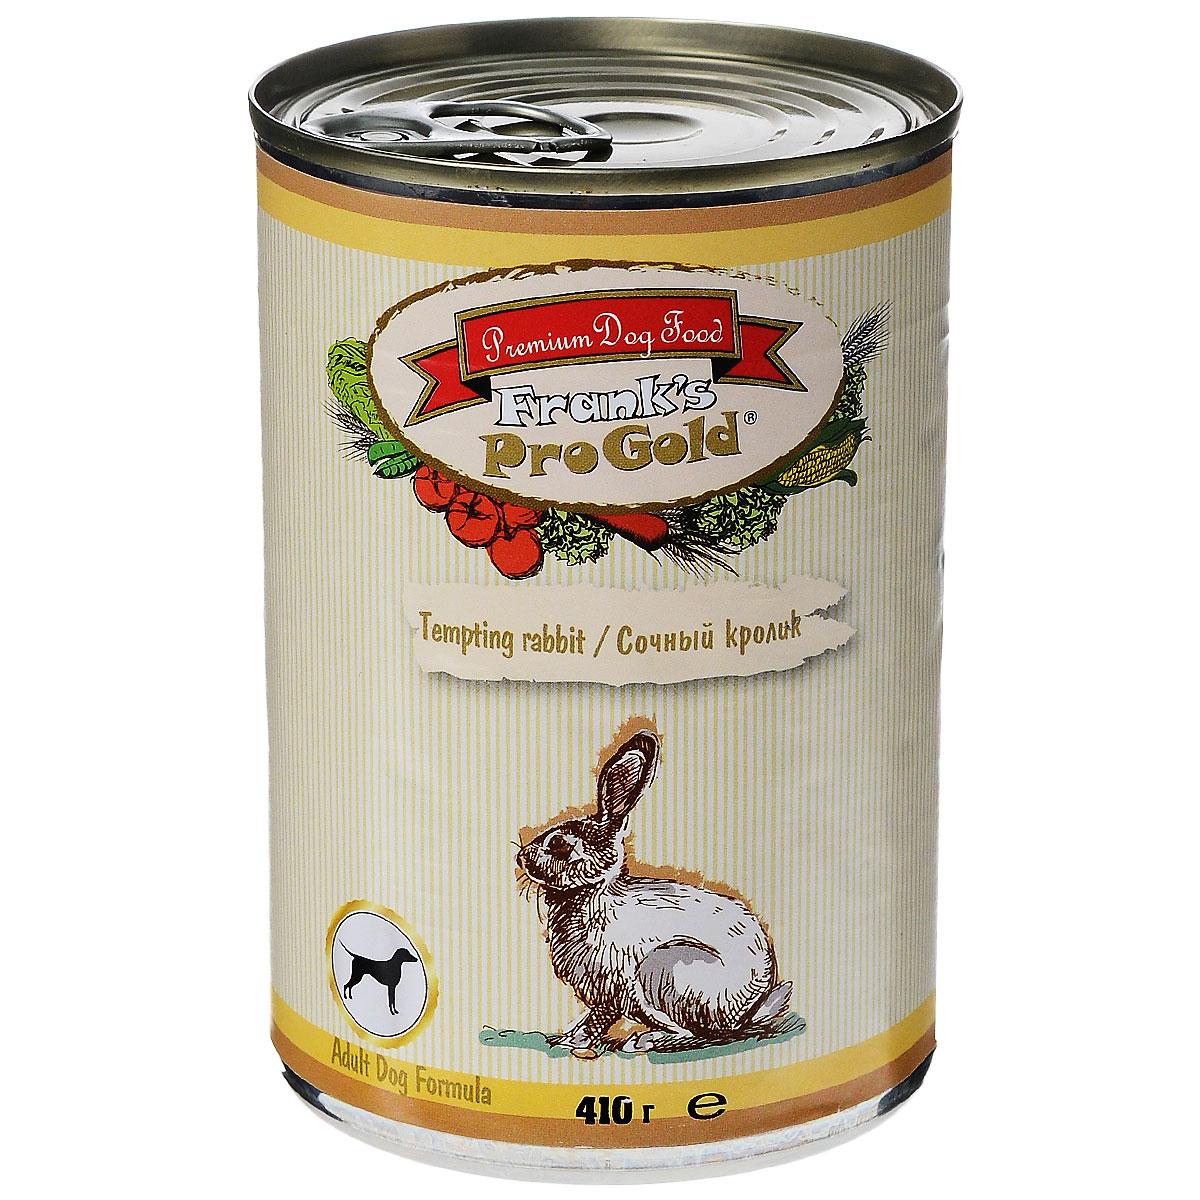 Консервы для собак Franks ProGold, с сочным кроликом, 410 г19420Консервы для собак Franks ProGold - полнорационный продукт, содержащий все необходимые витамины и минералы, сбалансированный для поддержания оптимального здоровья вашего питомца! Ваш любимец, безусловно, оценит нежнейшие кусочки мяса в желе! Произведенные из натуральных ингредиентов, консервы Franks Pro Gold не содержат ГМО, сою, искусственных красителей, консервантов и усилителей вкуса. Состав: мясо курицы, кролик, мясо и его производные, злаки, витамины и минералы. Пищевая ценность: влажность 81%,белки 6,5%, жиры 4,5%, зола 2%, клетчатка 0,5%. Добавки: витамин A 1600 IU, витамин D 140 IU, витамин E 10 IU, железо E1 24 мг/кг, марганец E5 6 мг/кг, цинк E6 15 мг/кг, йодин E2 0,3 мг/кг. Калорийность: 393,6 ккал. Товар сертифицирован.